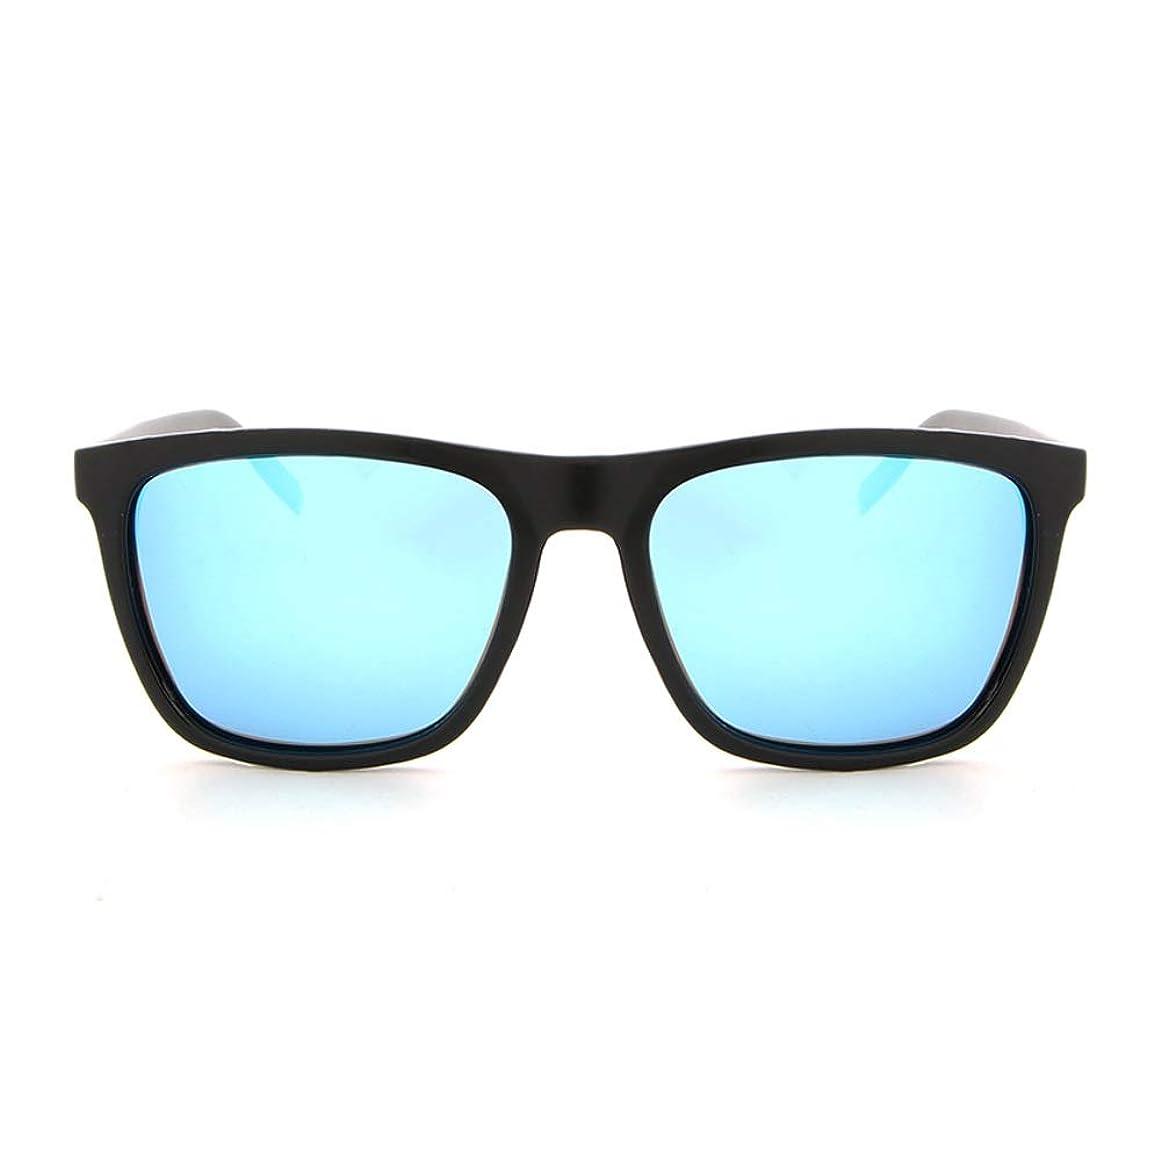 悲惨な仕えるストリップYHWJP サングラス メンズ 紫外線防止 清晰 安全 アウトドア 運転用 クラシック メガネケース (Color : E ブルー, Size : フリー)